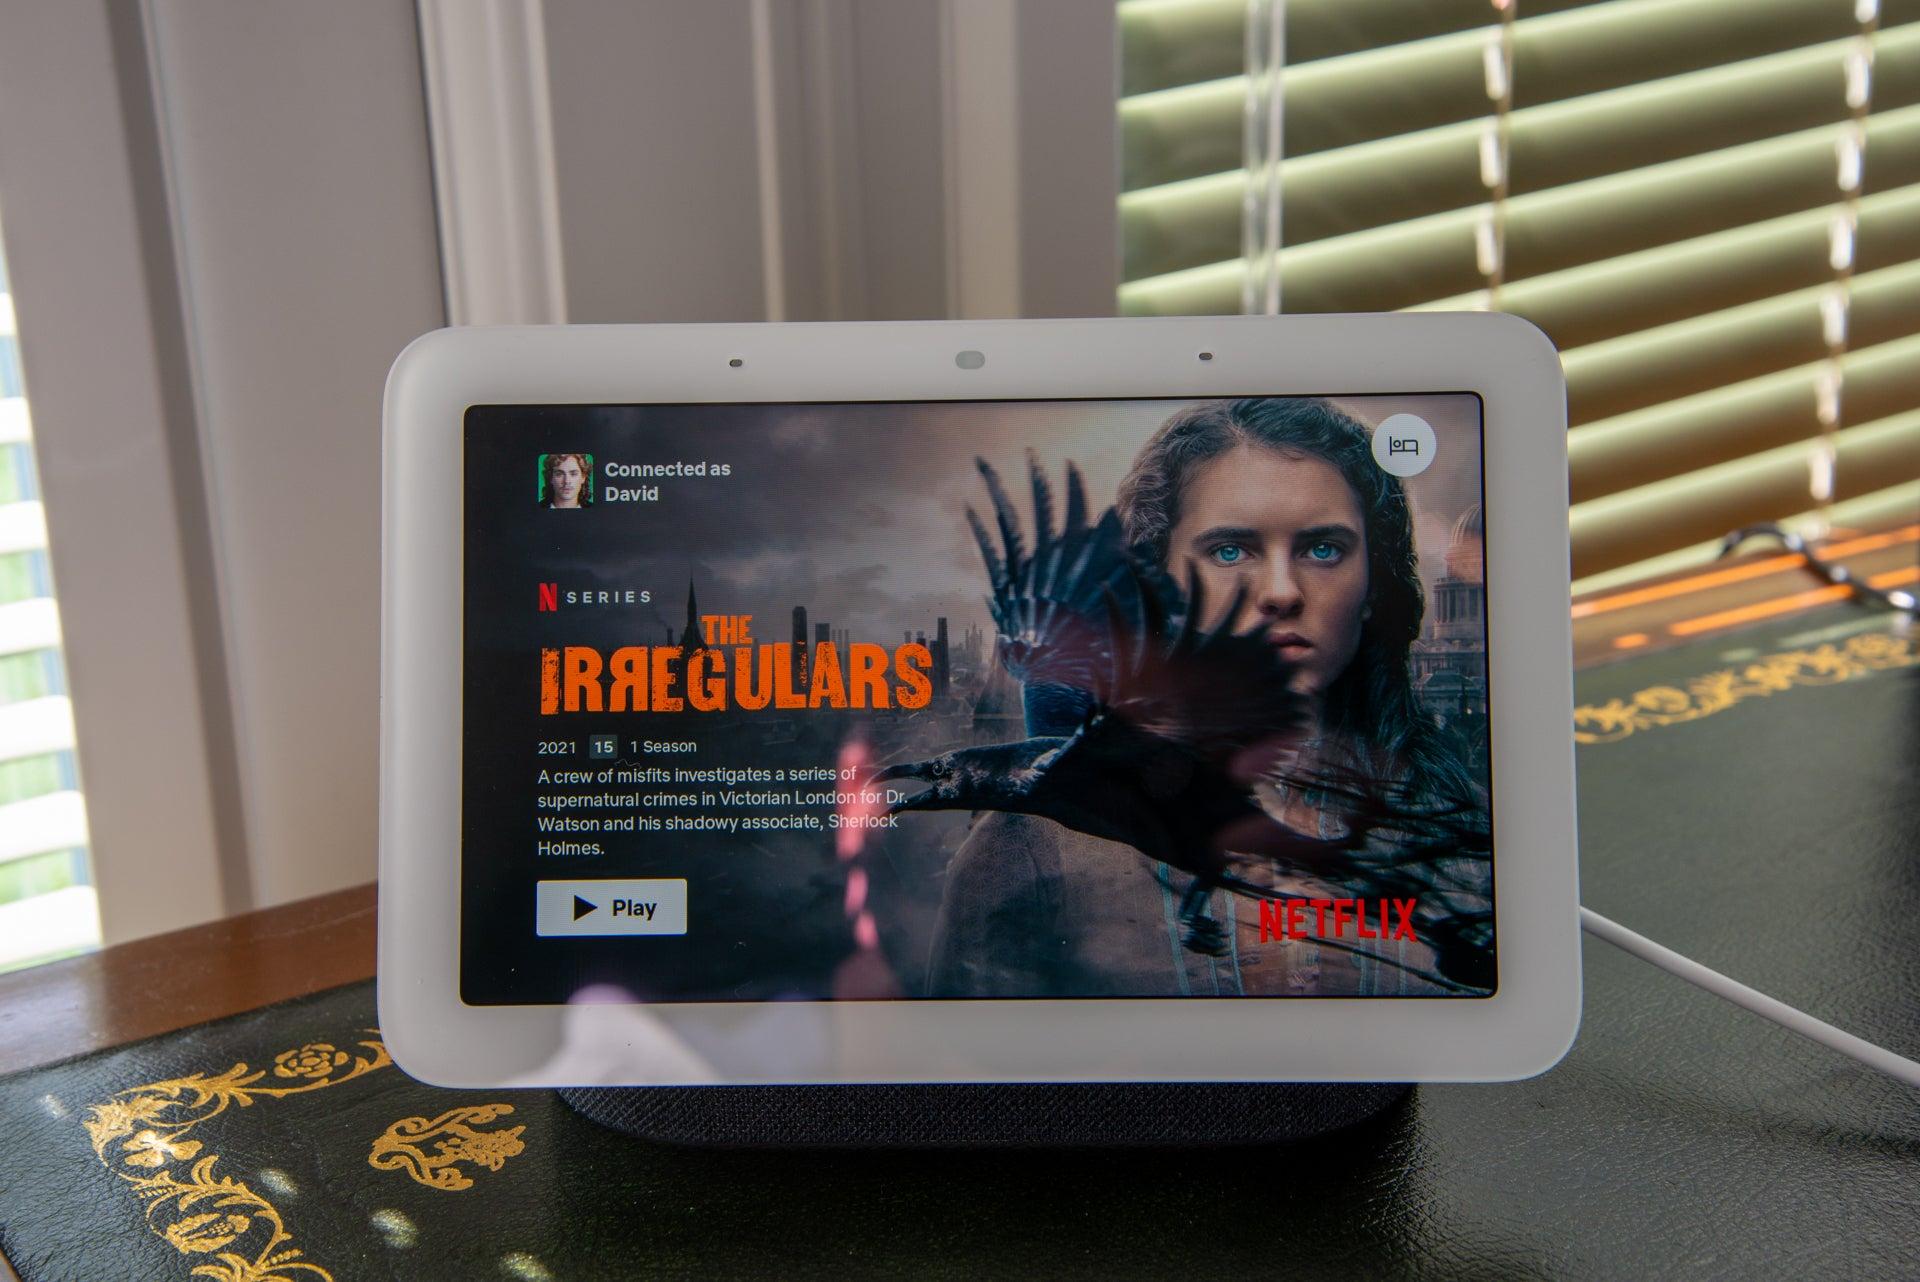 Google Nest Hub (2nd gen) Netflix